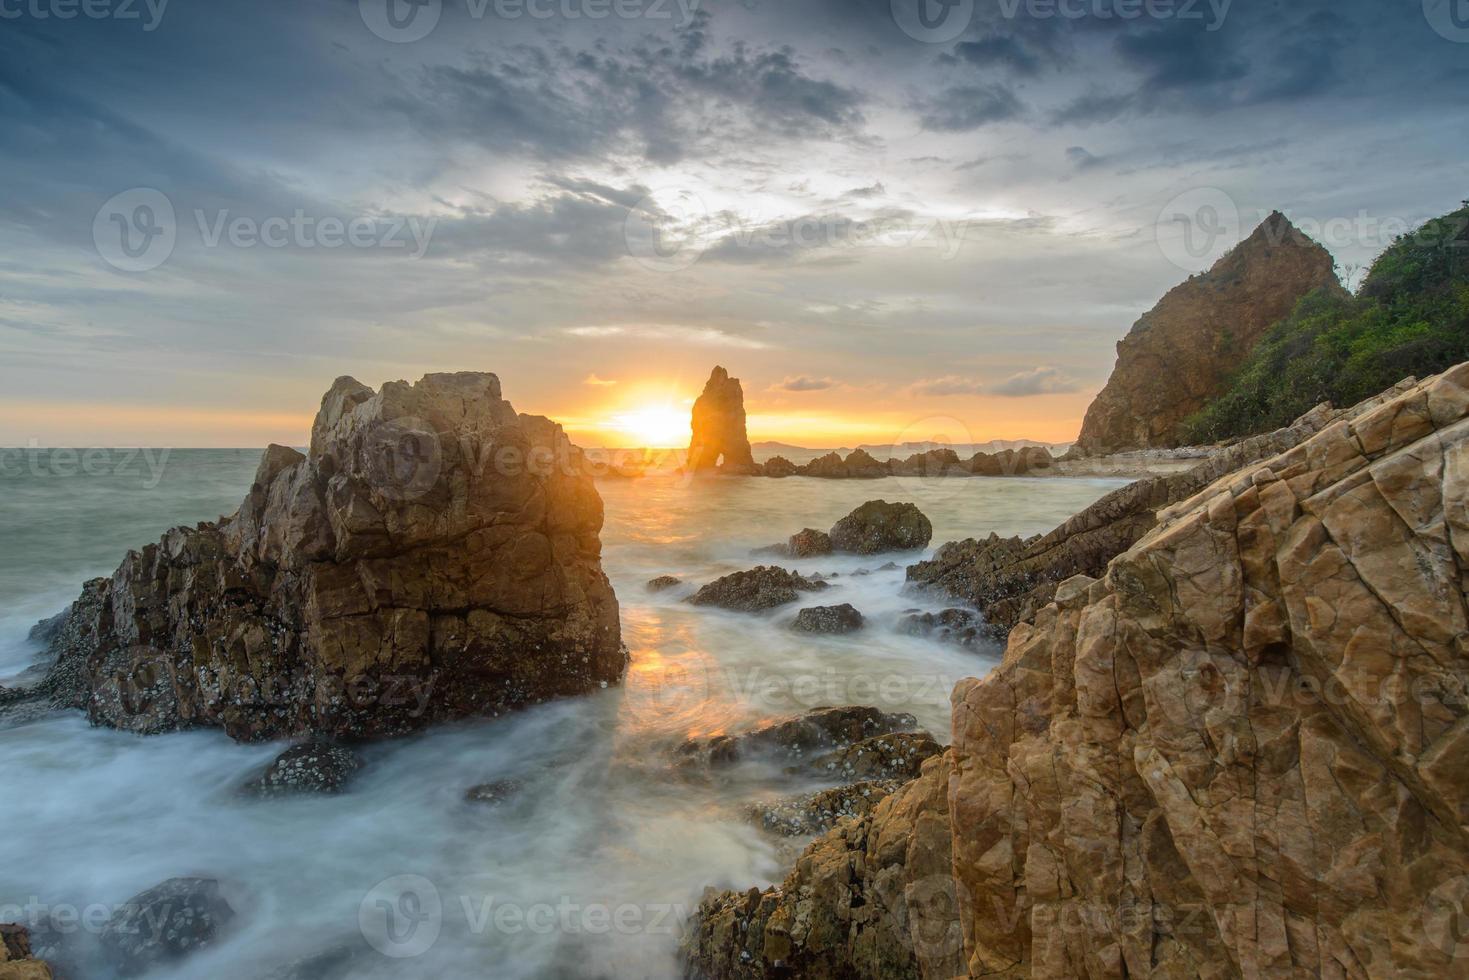 spiaggia rocciosa lunga esposizione vista sul mare all'alba a chonburi. foto